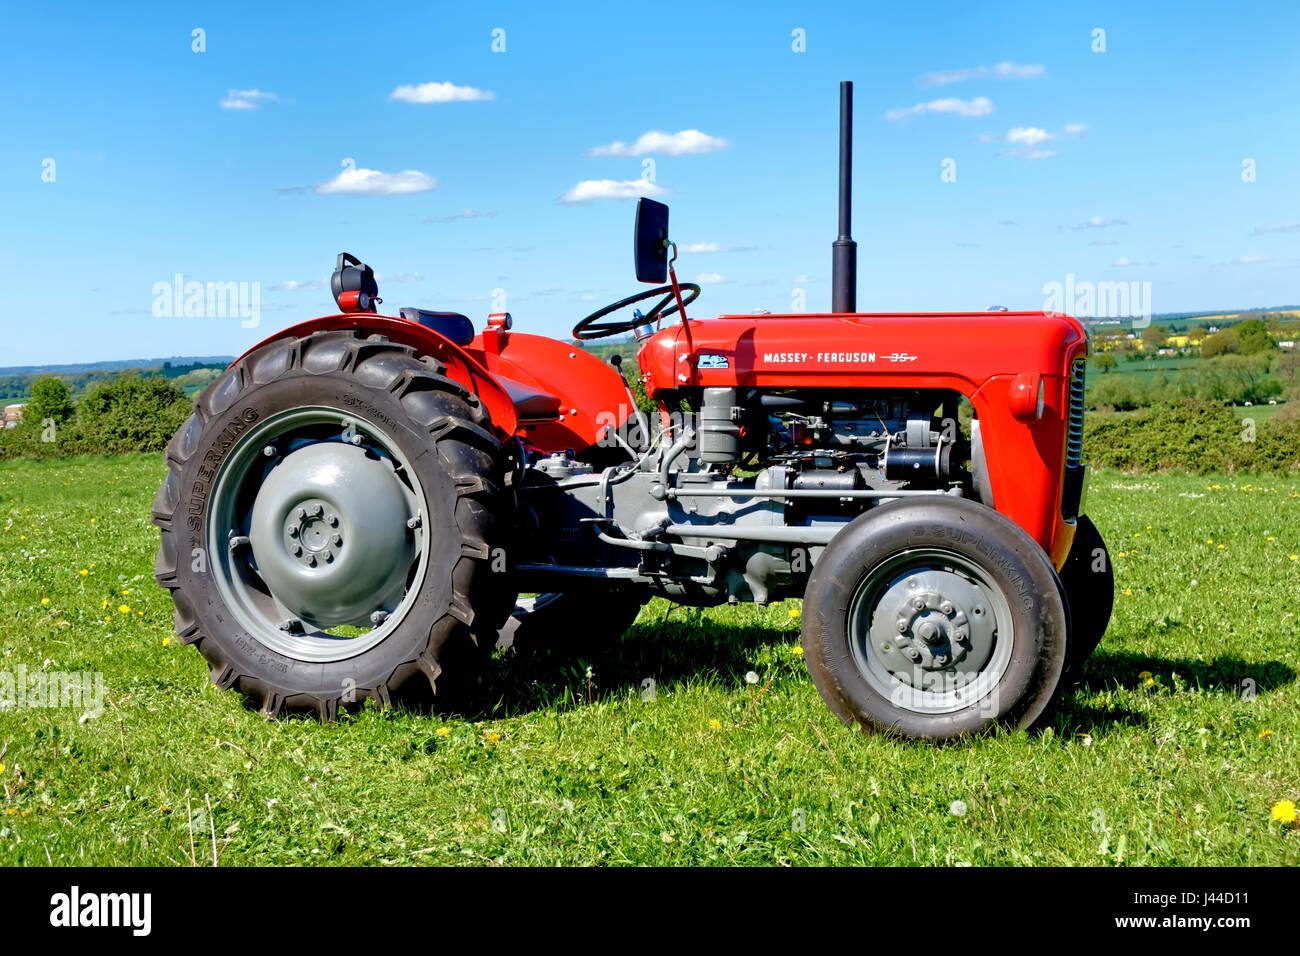 a vintage massey ferguson 35 tractor registration wam 375. Black Bedroom Furniture Sets. Home Design Ideas